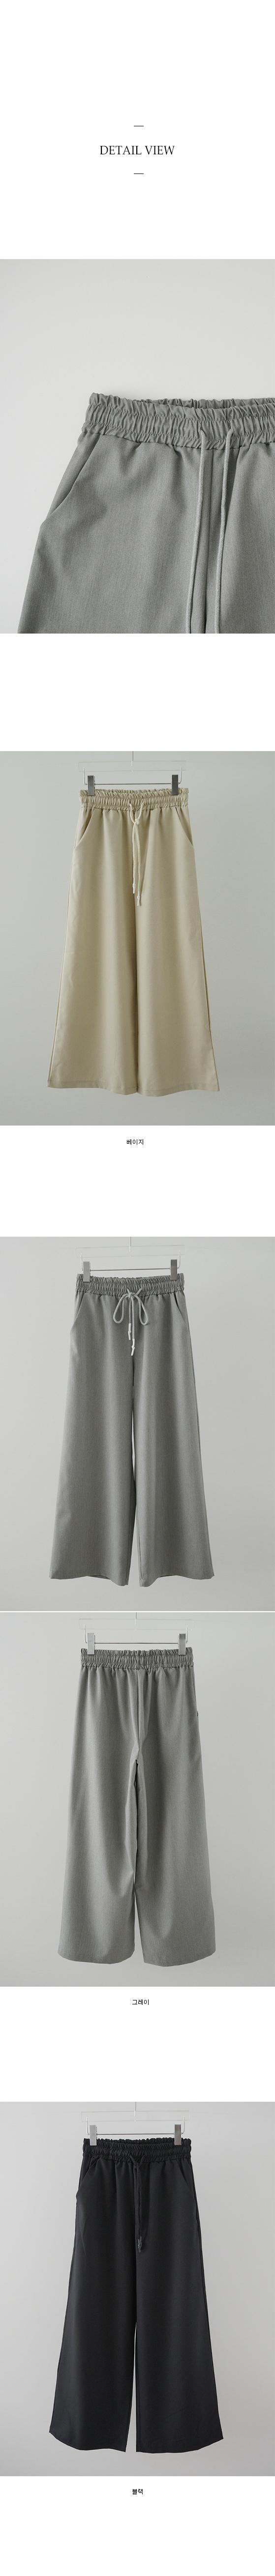 easy wide banding pants